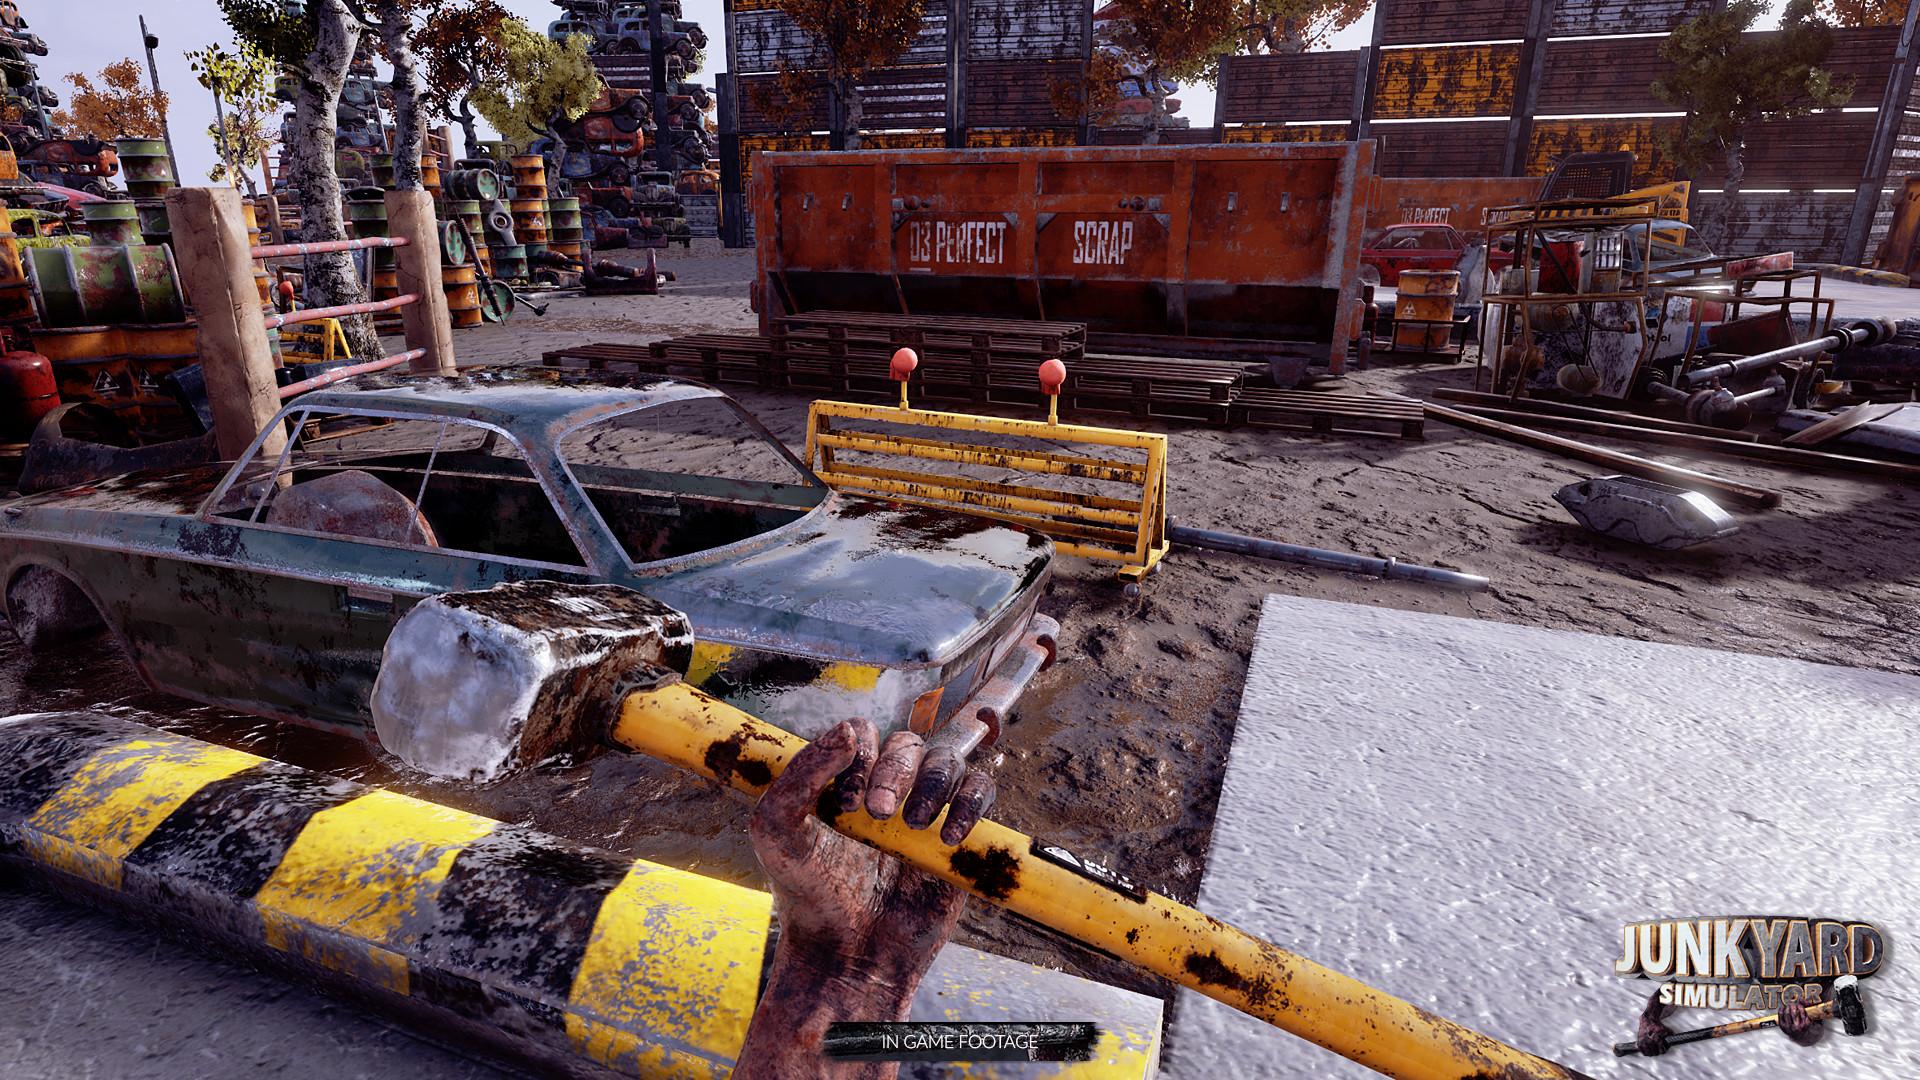 Junkyard Simulator (2018)